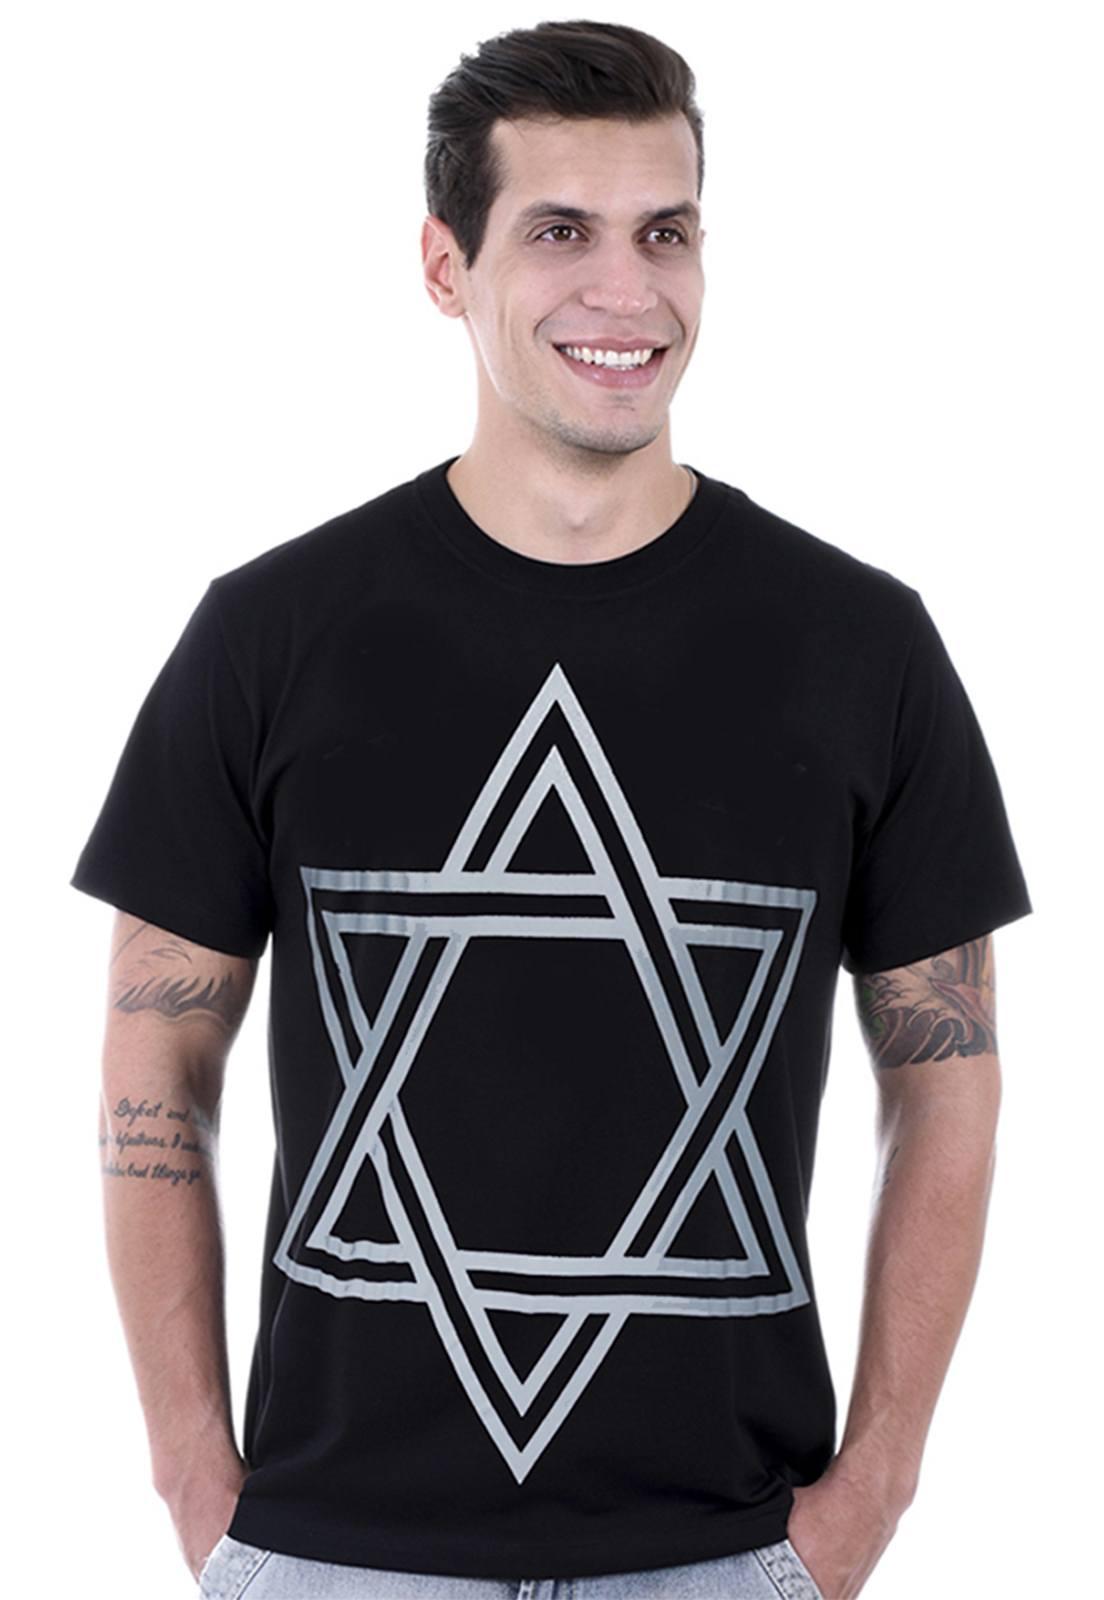 Camiseta masculina preta Estrela de Davi - 100% algodão - Hardivision